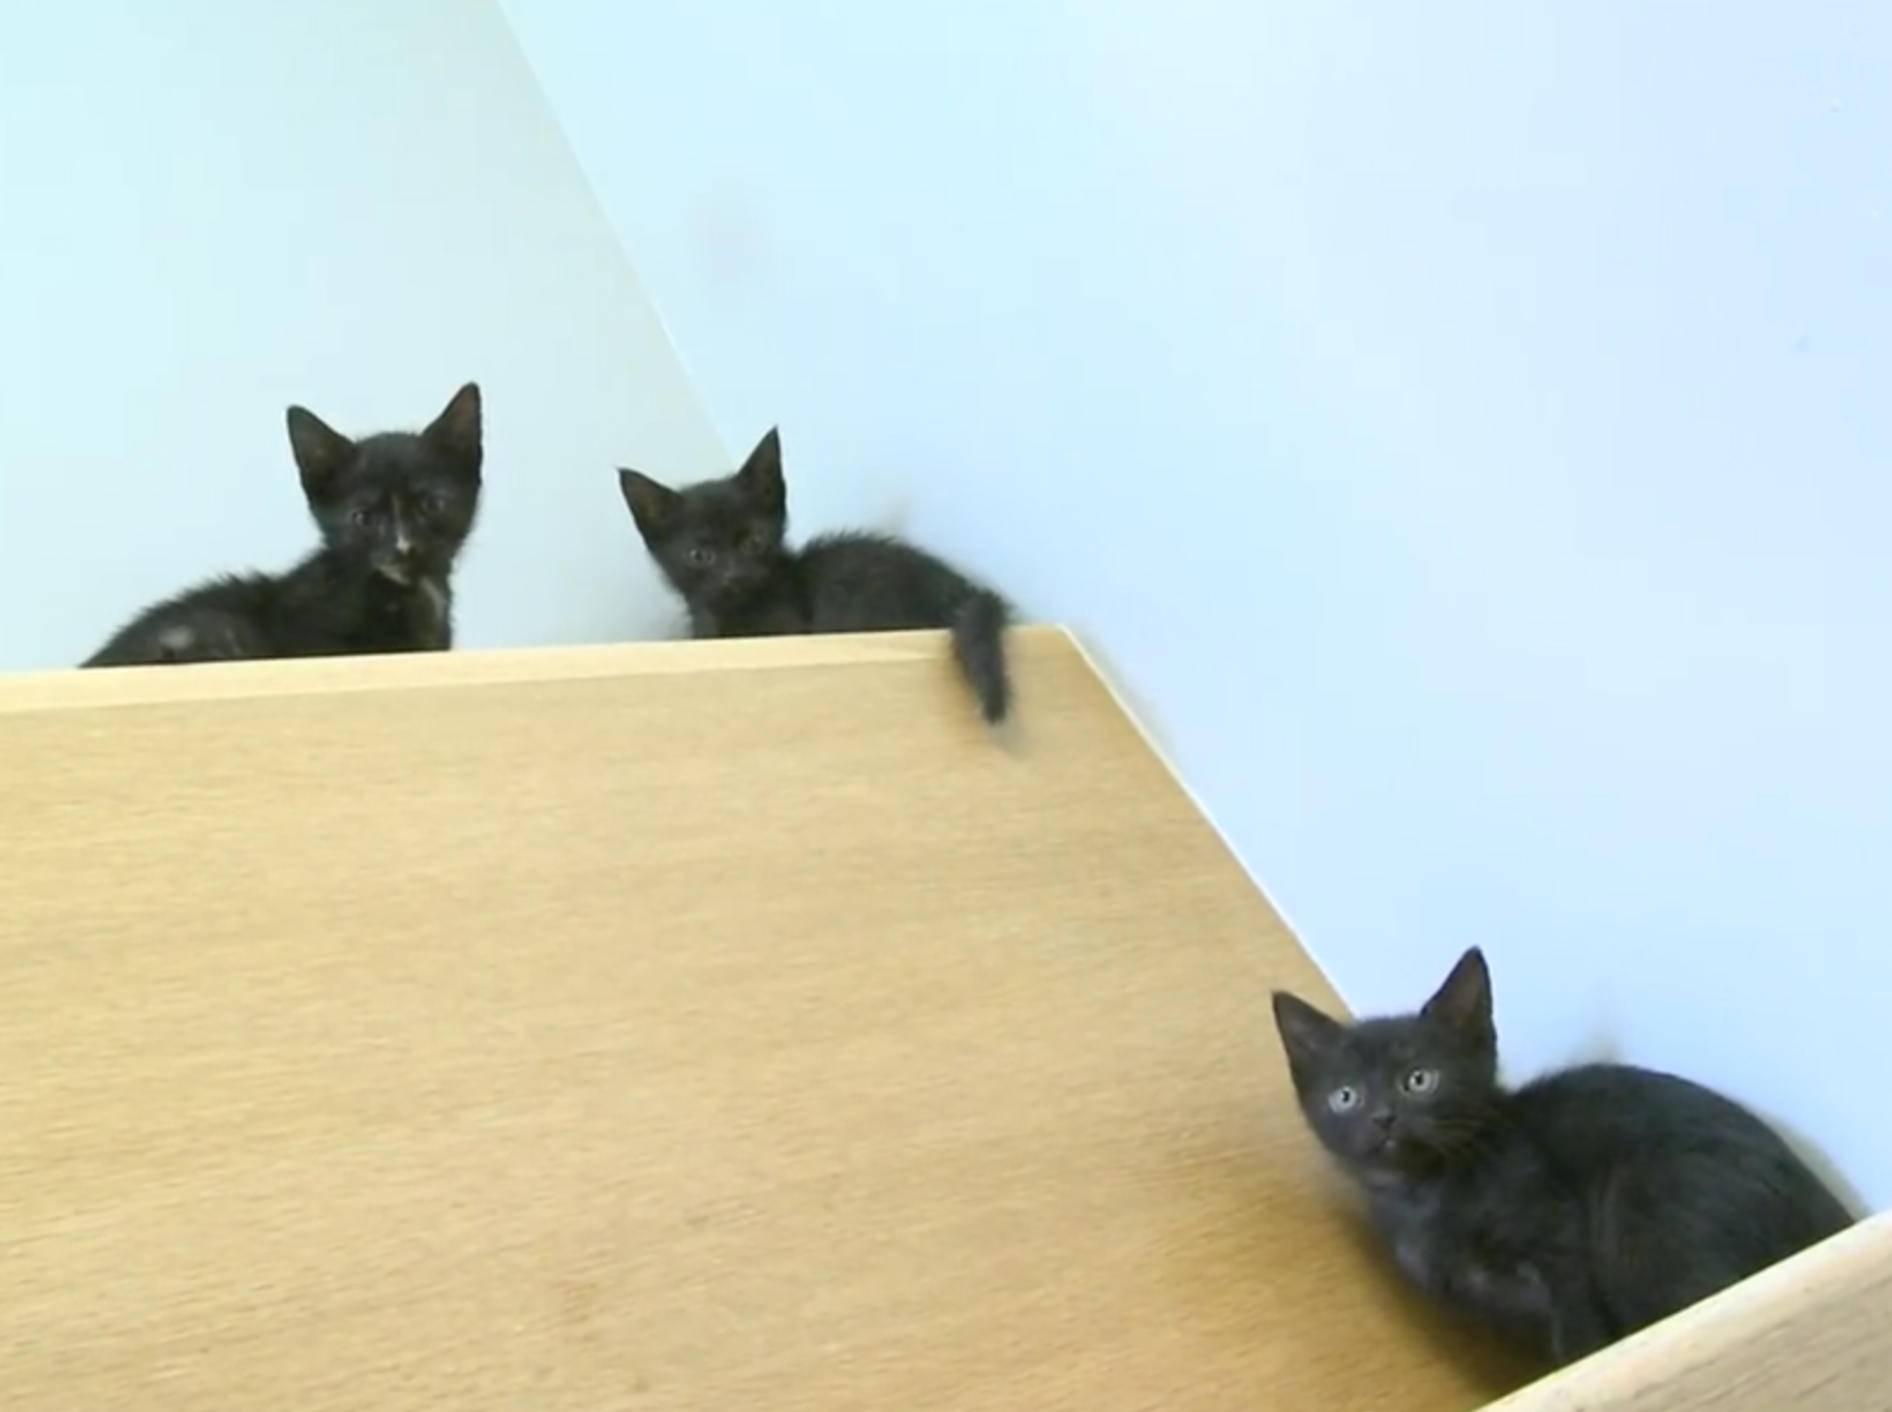 Klettern ist lustig, finden diese Kätzchen – YouTube / The Pet Collective